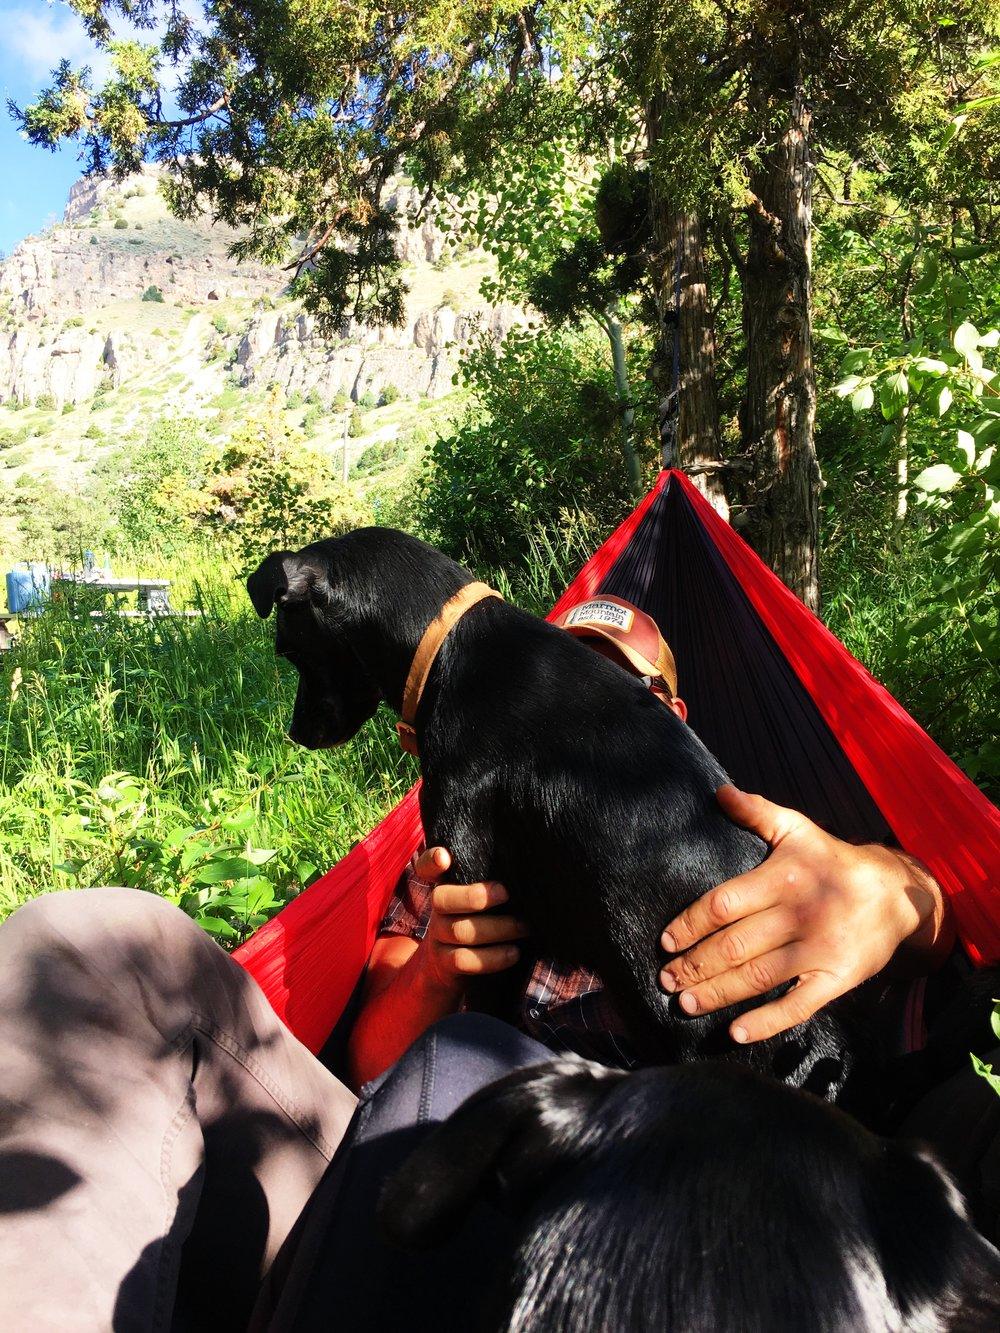 hammock-puppies-lander-blog.jpg